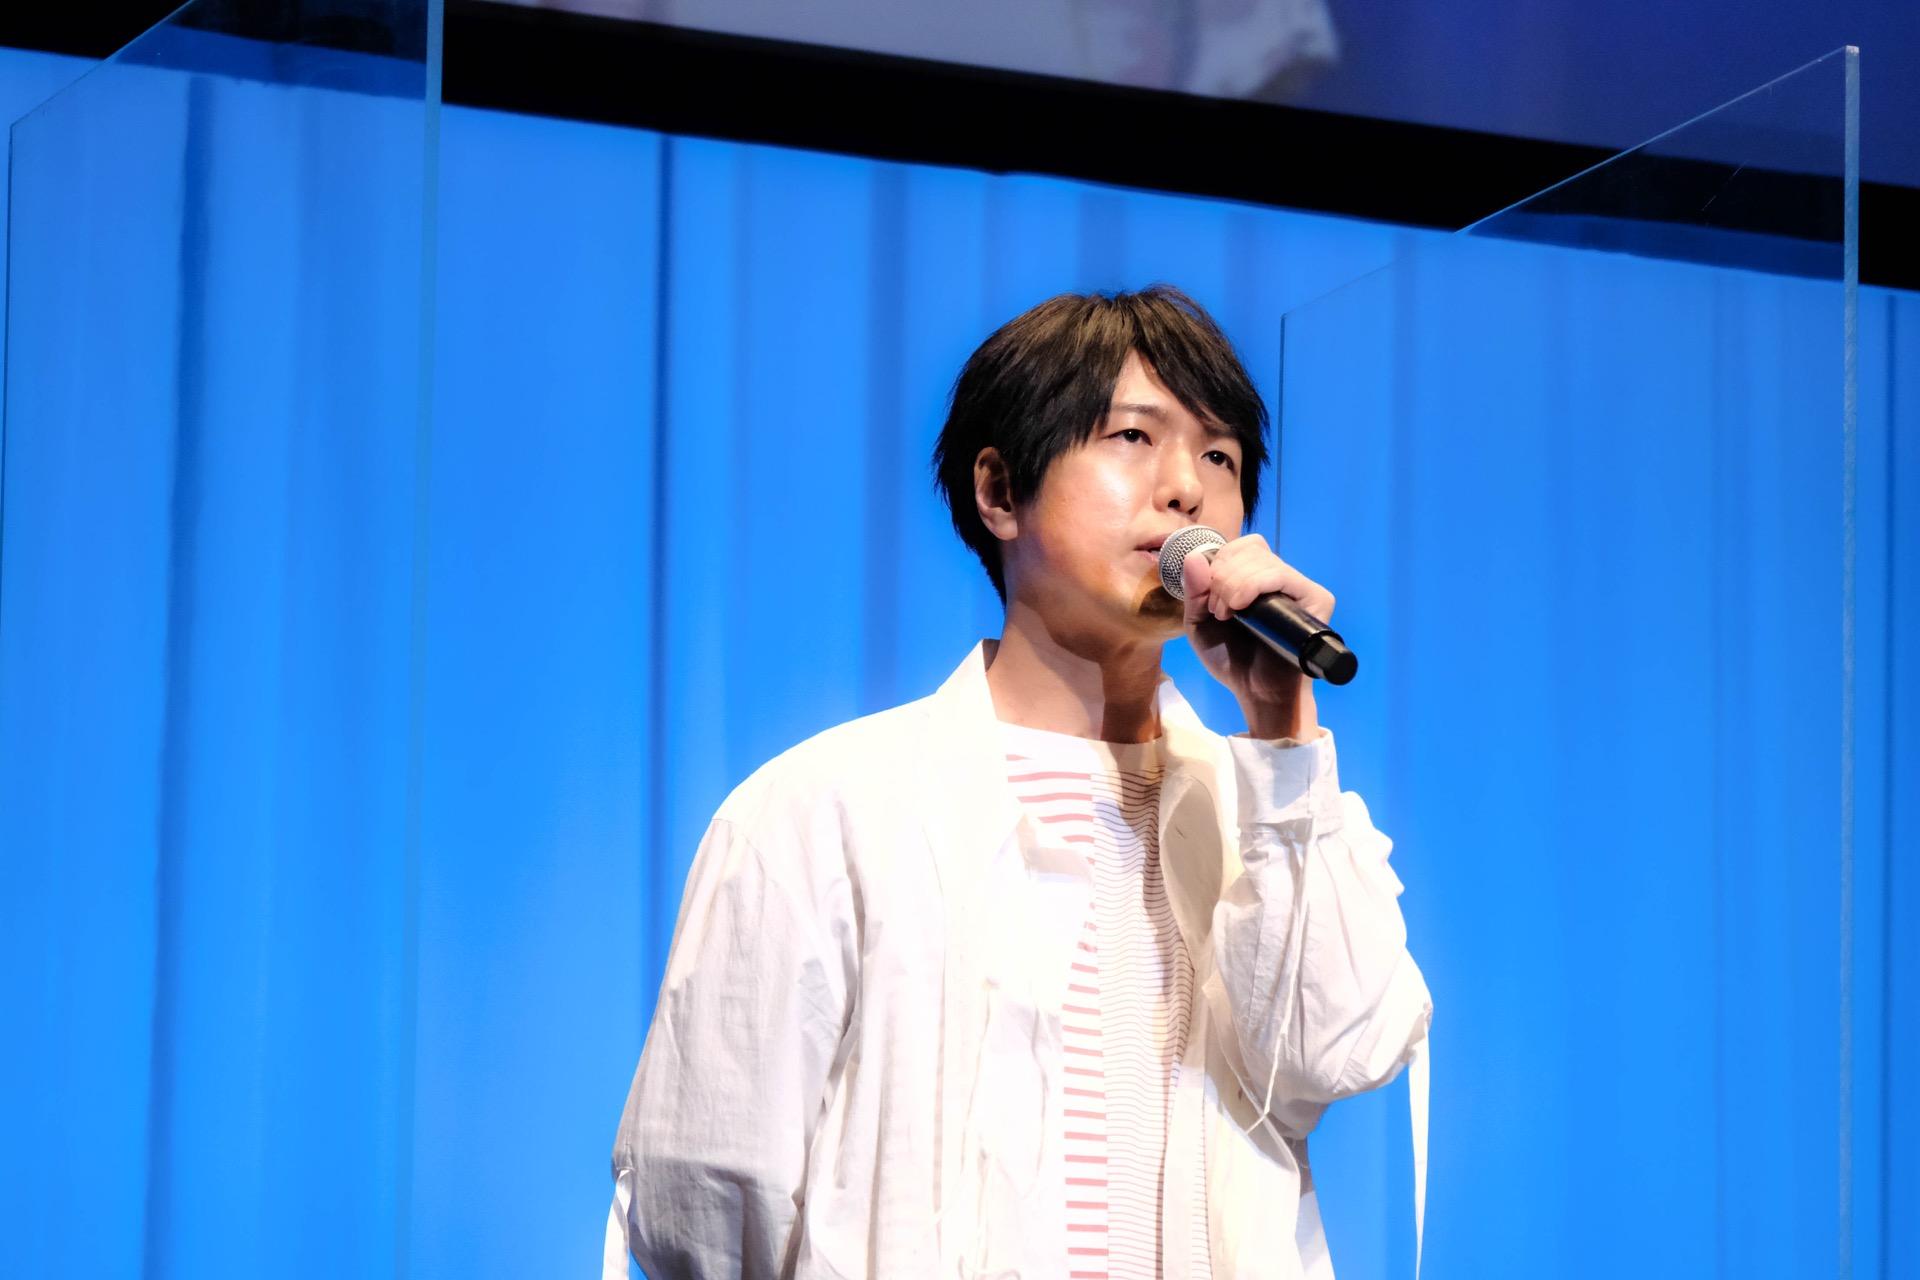 「劇場編集版 かくしごと」制作決定!後藤可久士役・神谷浩史さんのコメント&イベントオフィシャルレポート到着